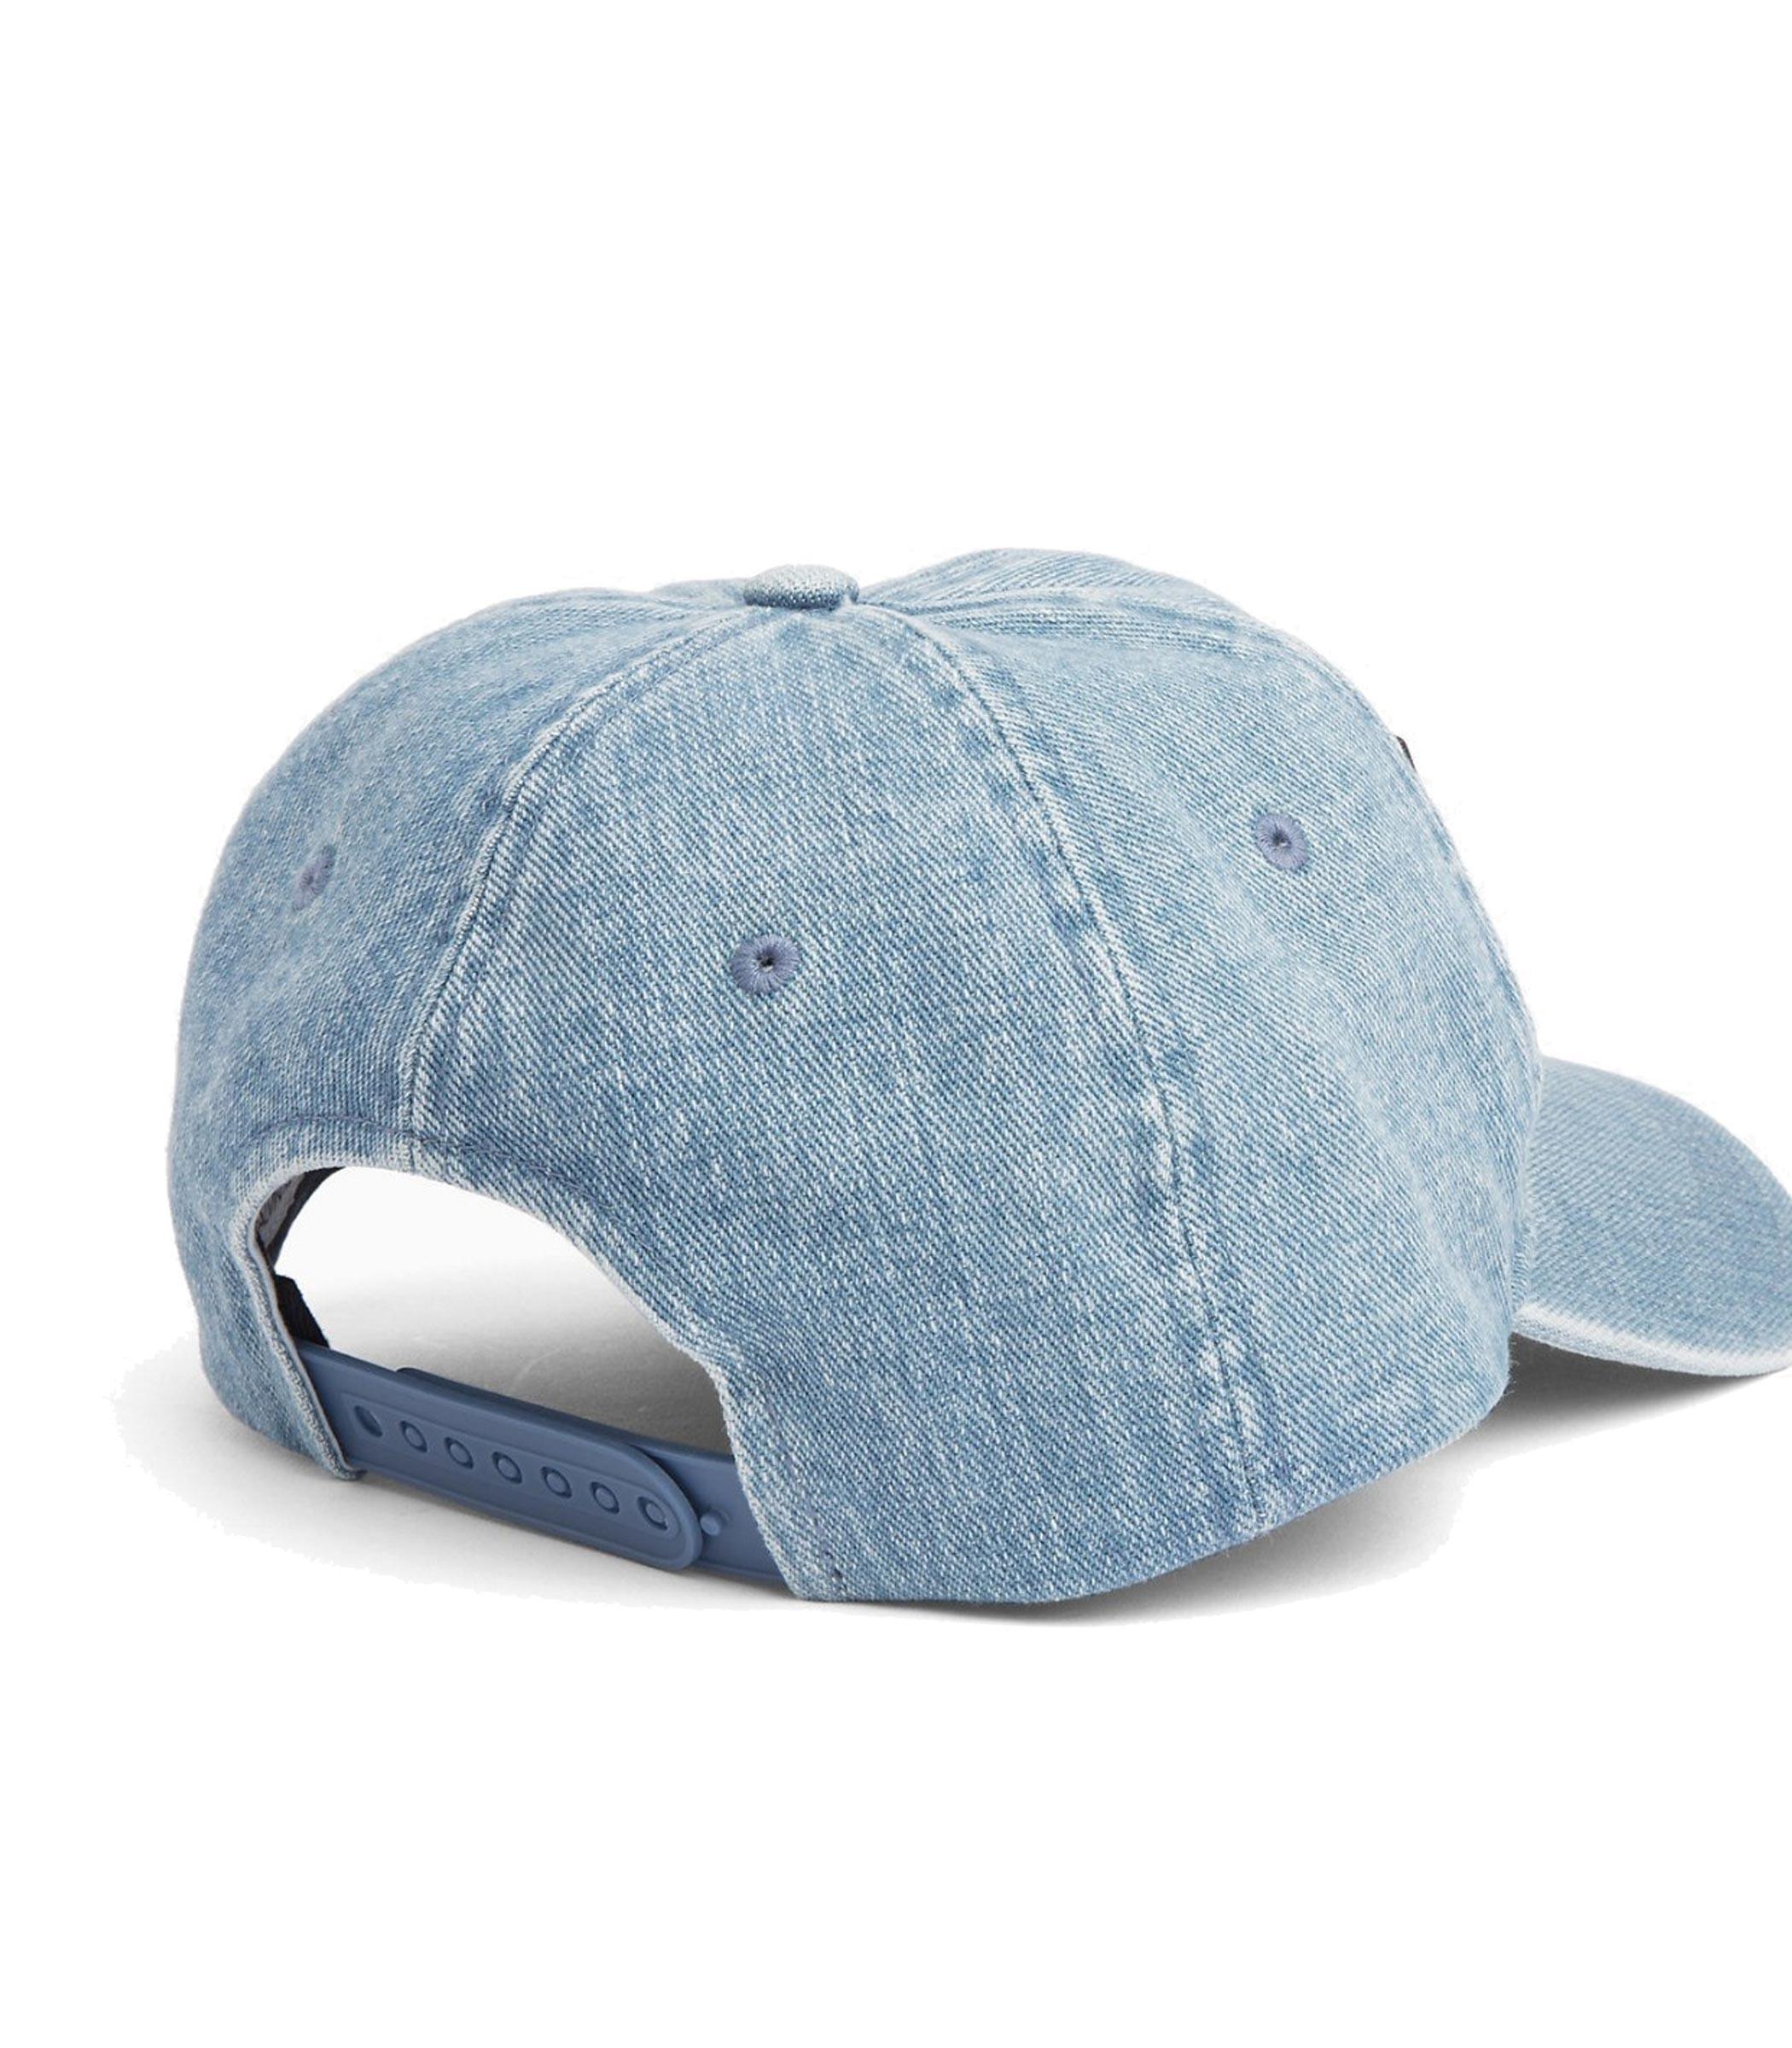 Berretto da baseball Calvin Klein Jeans unisex rif. K40K400863 d3c27884cd6b